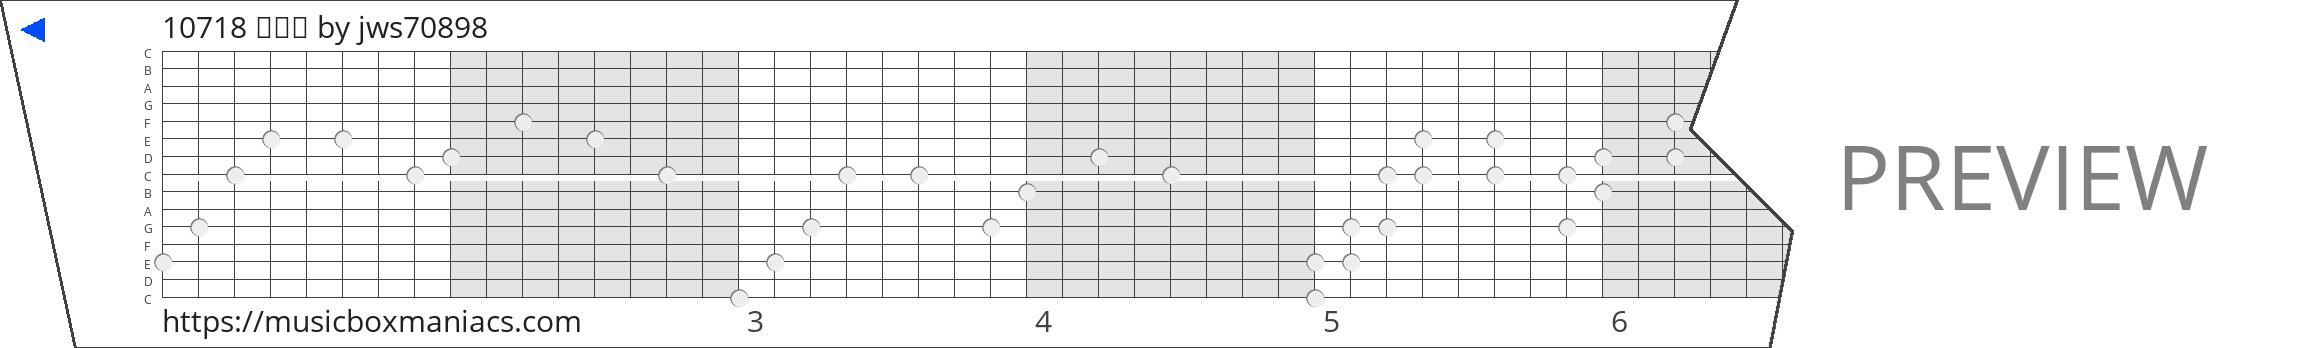 10718 조우신 15 note music box paper strip